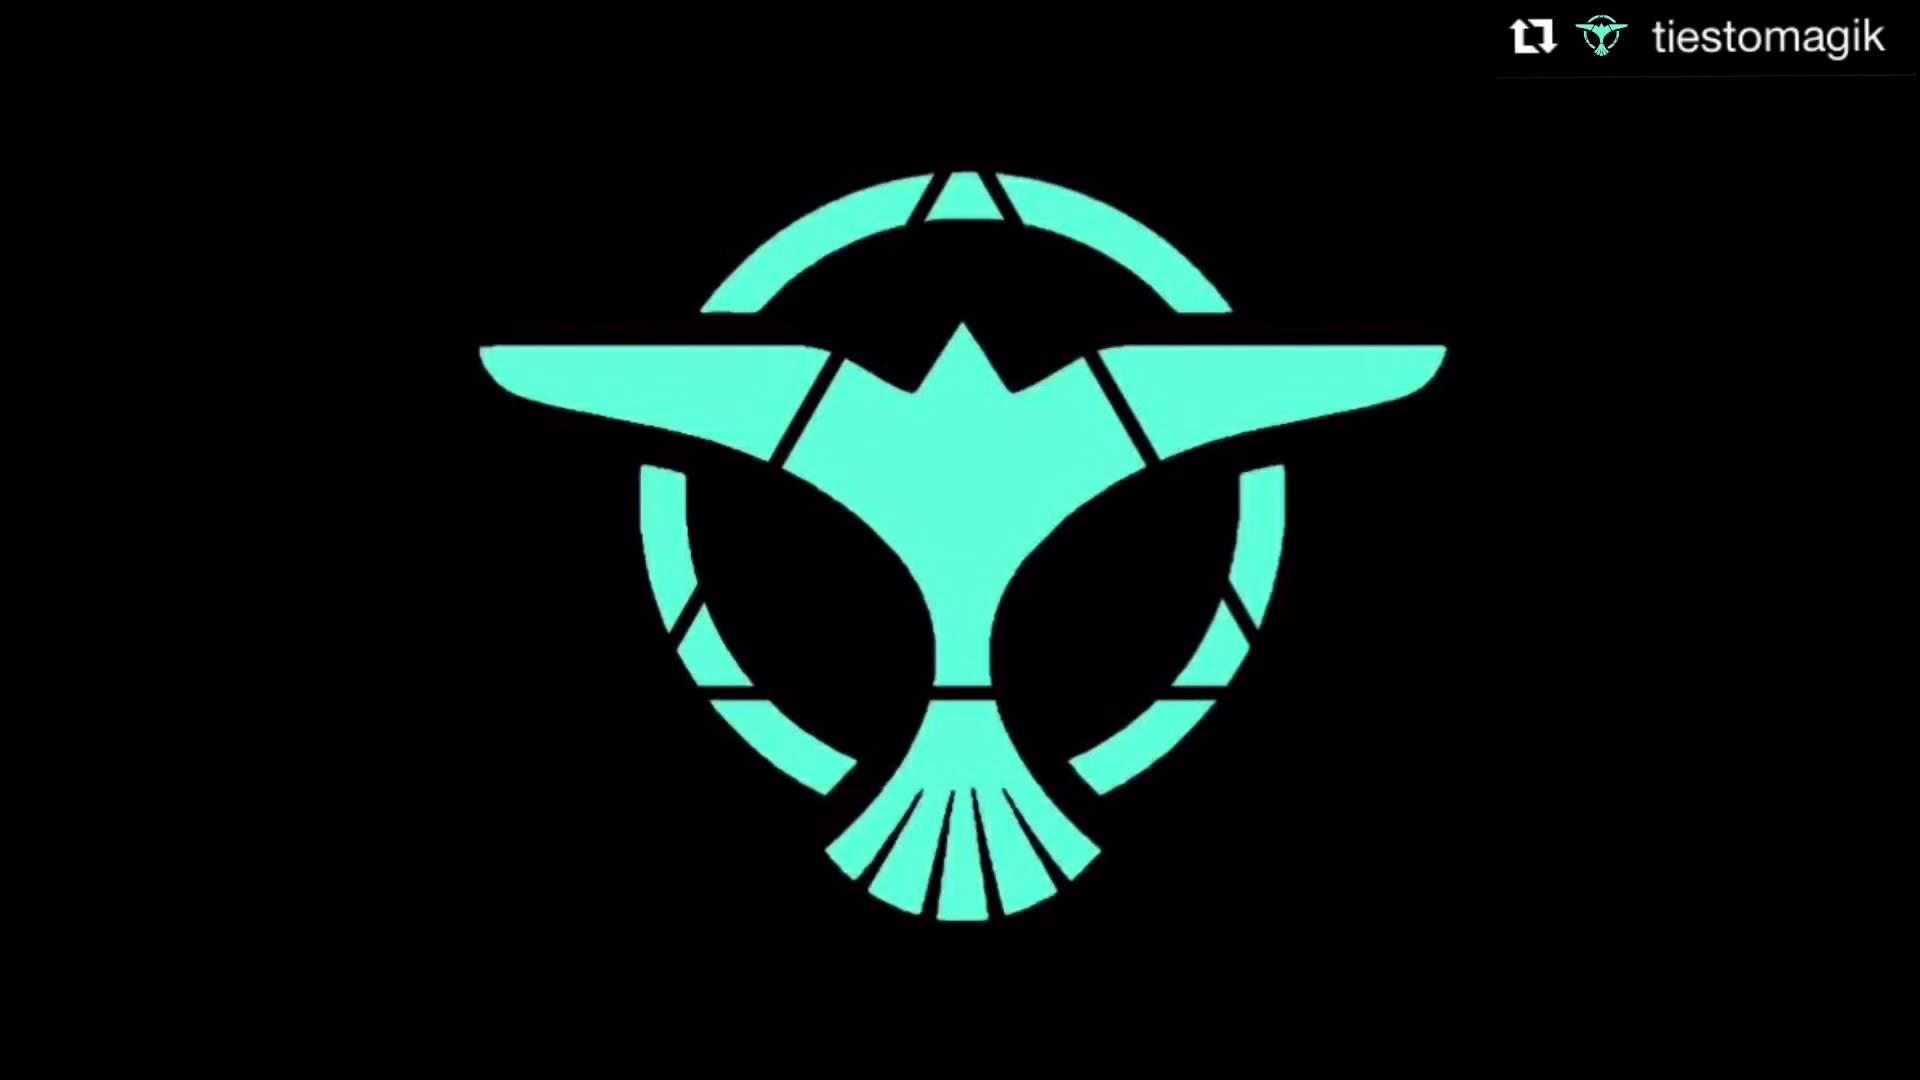 Alan Walker - Fade (Tiësto Remix Preview)